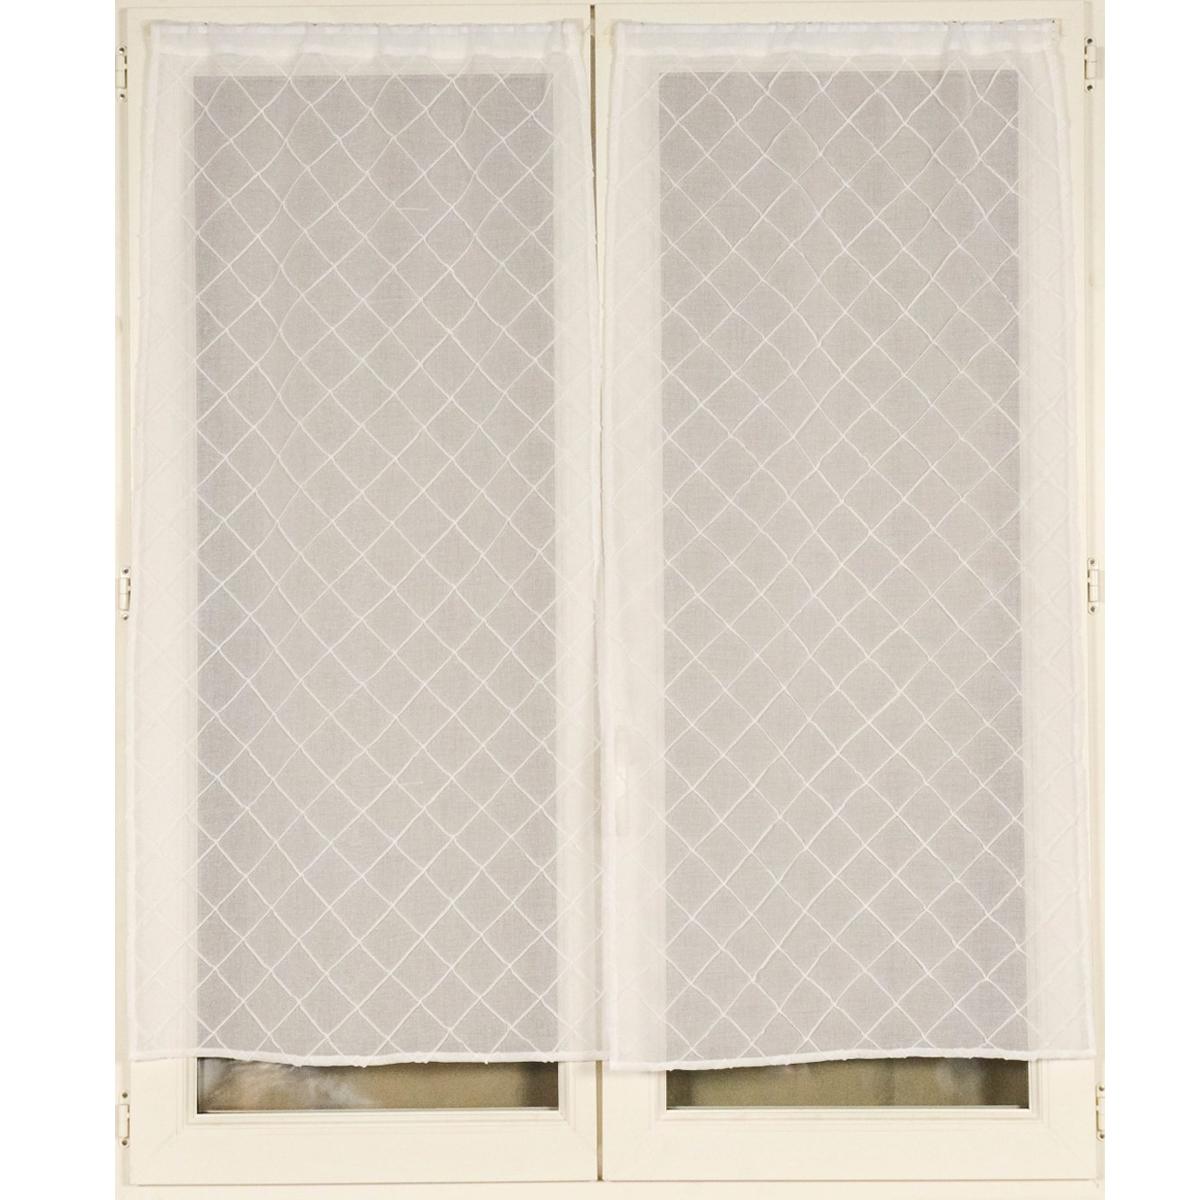 Voilage vitrages à la paire brodé croisillons 060x120 cm (Blanc)